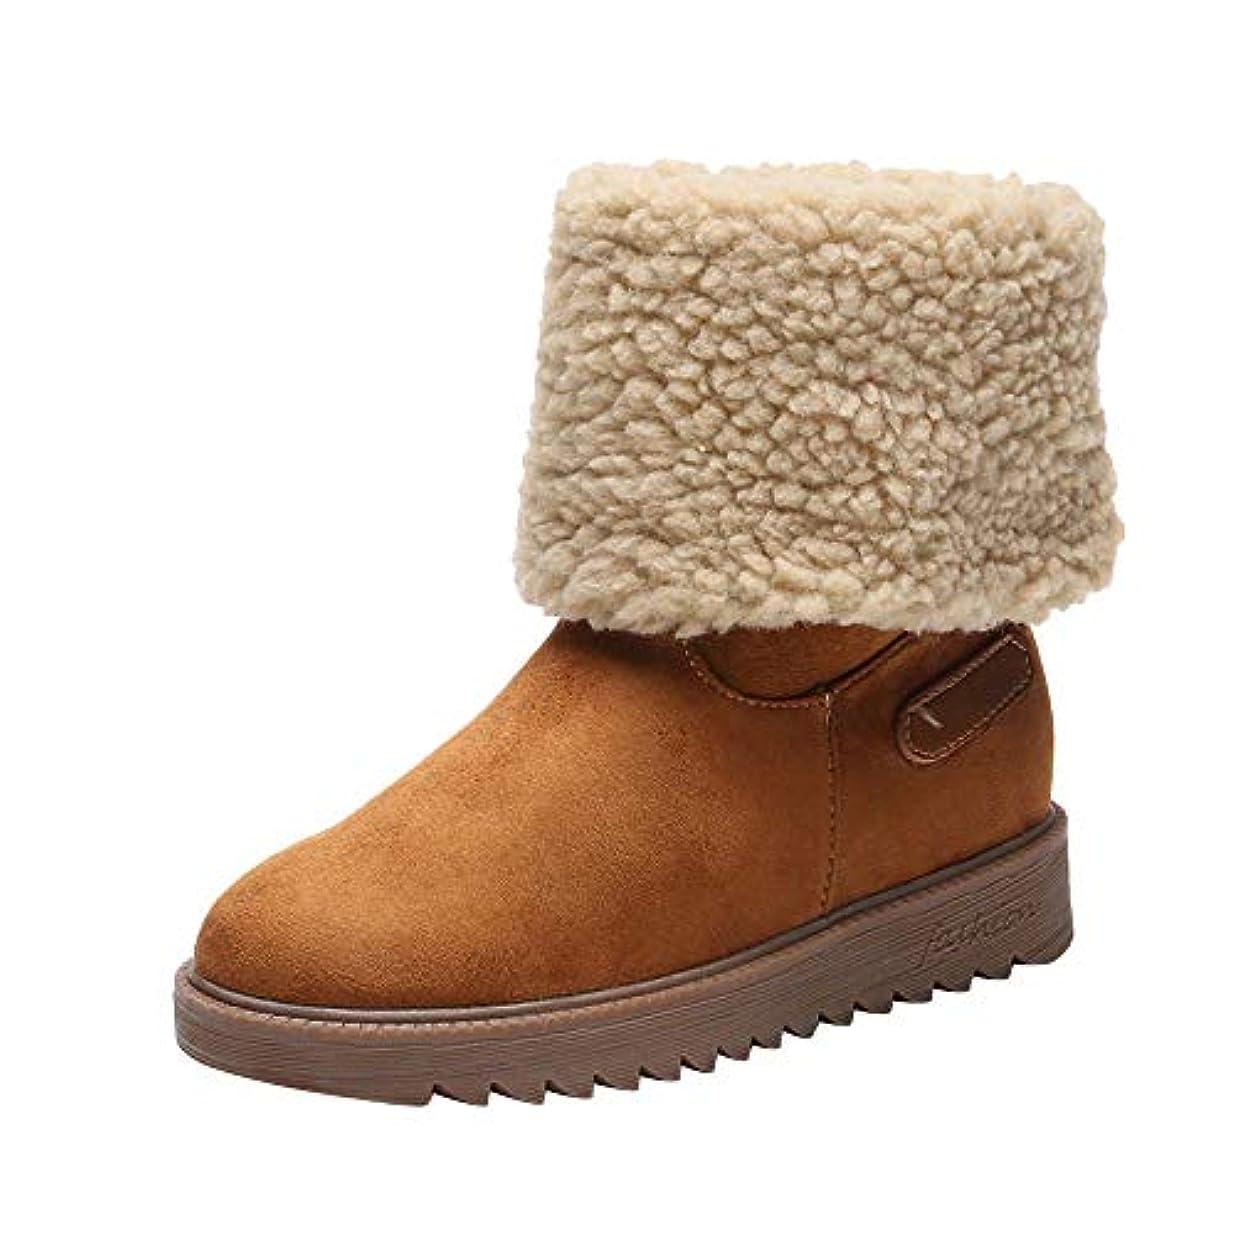 かわいらしい禁止費やす[レディース] スノーブーツ スノーシューズ 防水 冬用 カジュアル 綿靴 雪靴 防寒 防滑 保暖 ブーツ [春の屋] 女性の冬暖かいショートブーツコットンシューズブーツマーティンスノーブーツショートブーティー